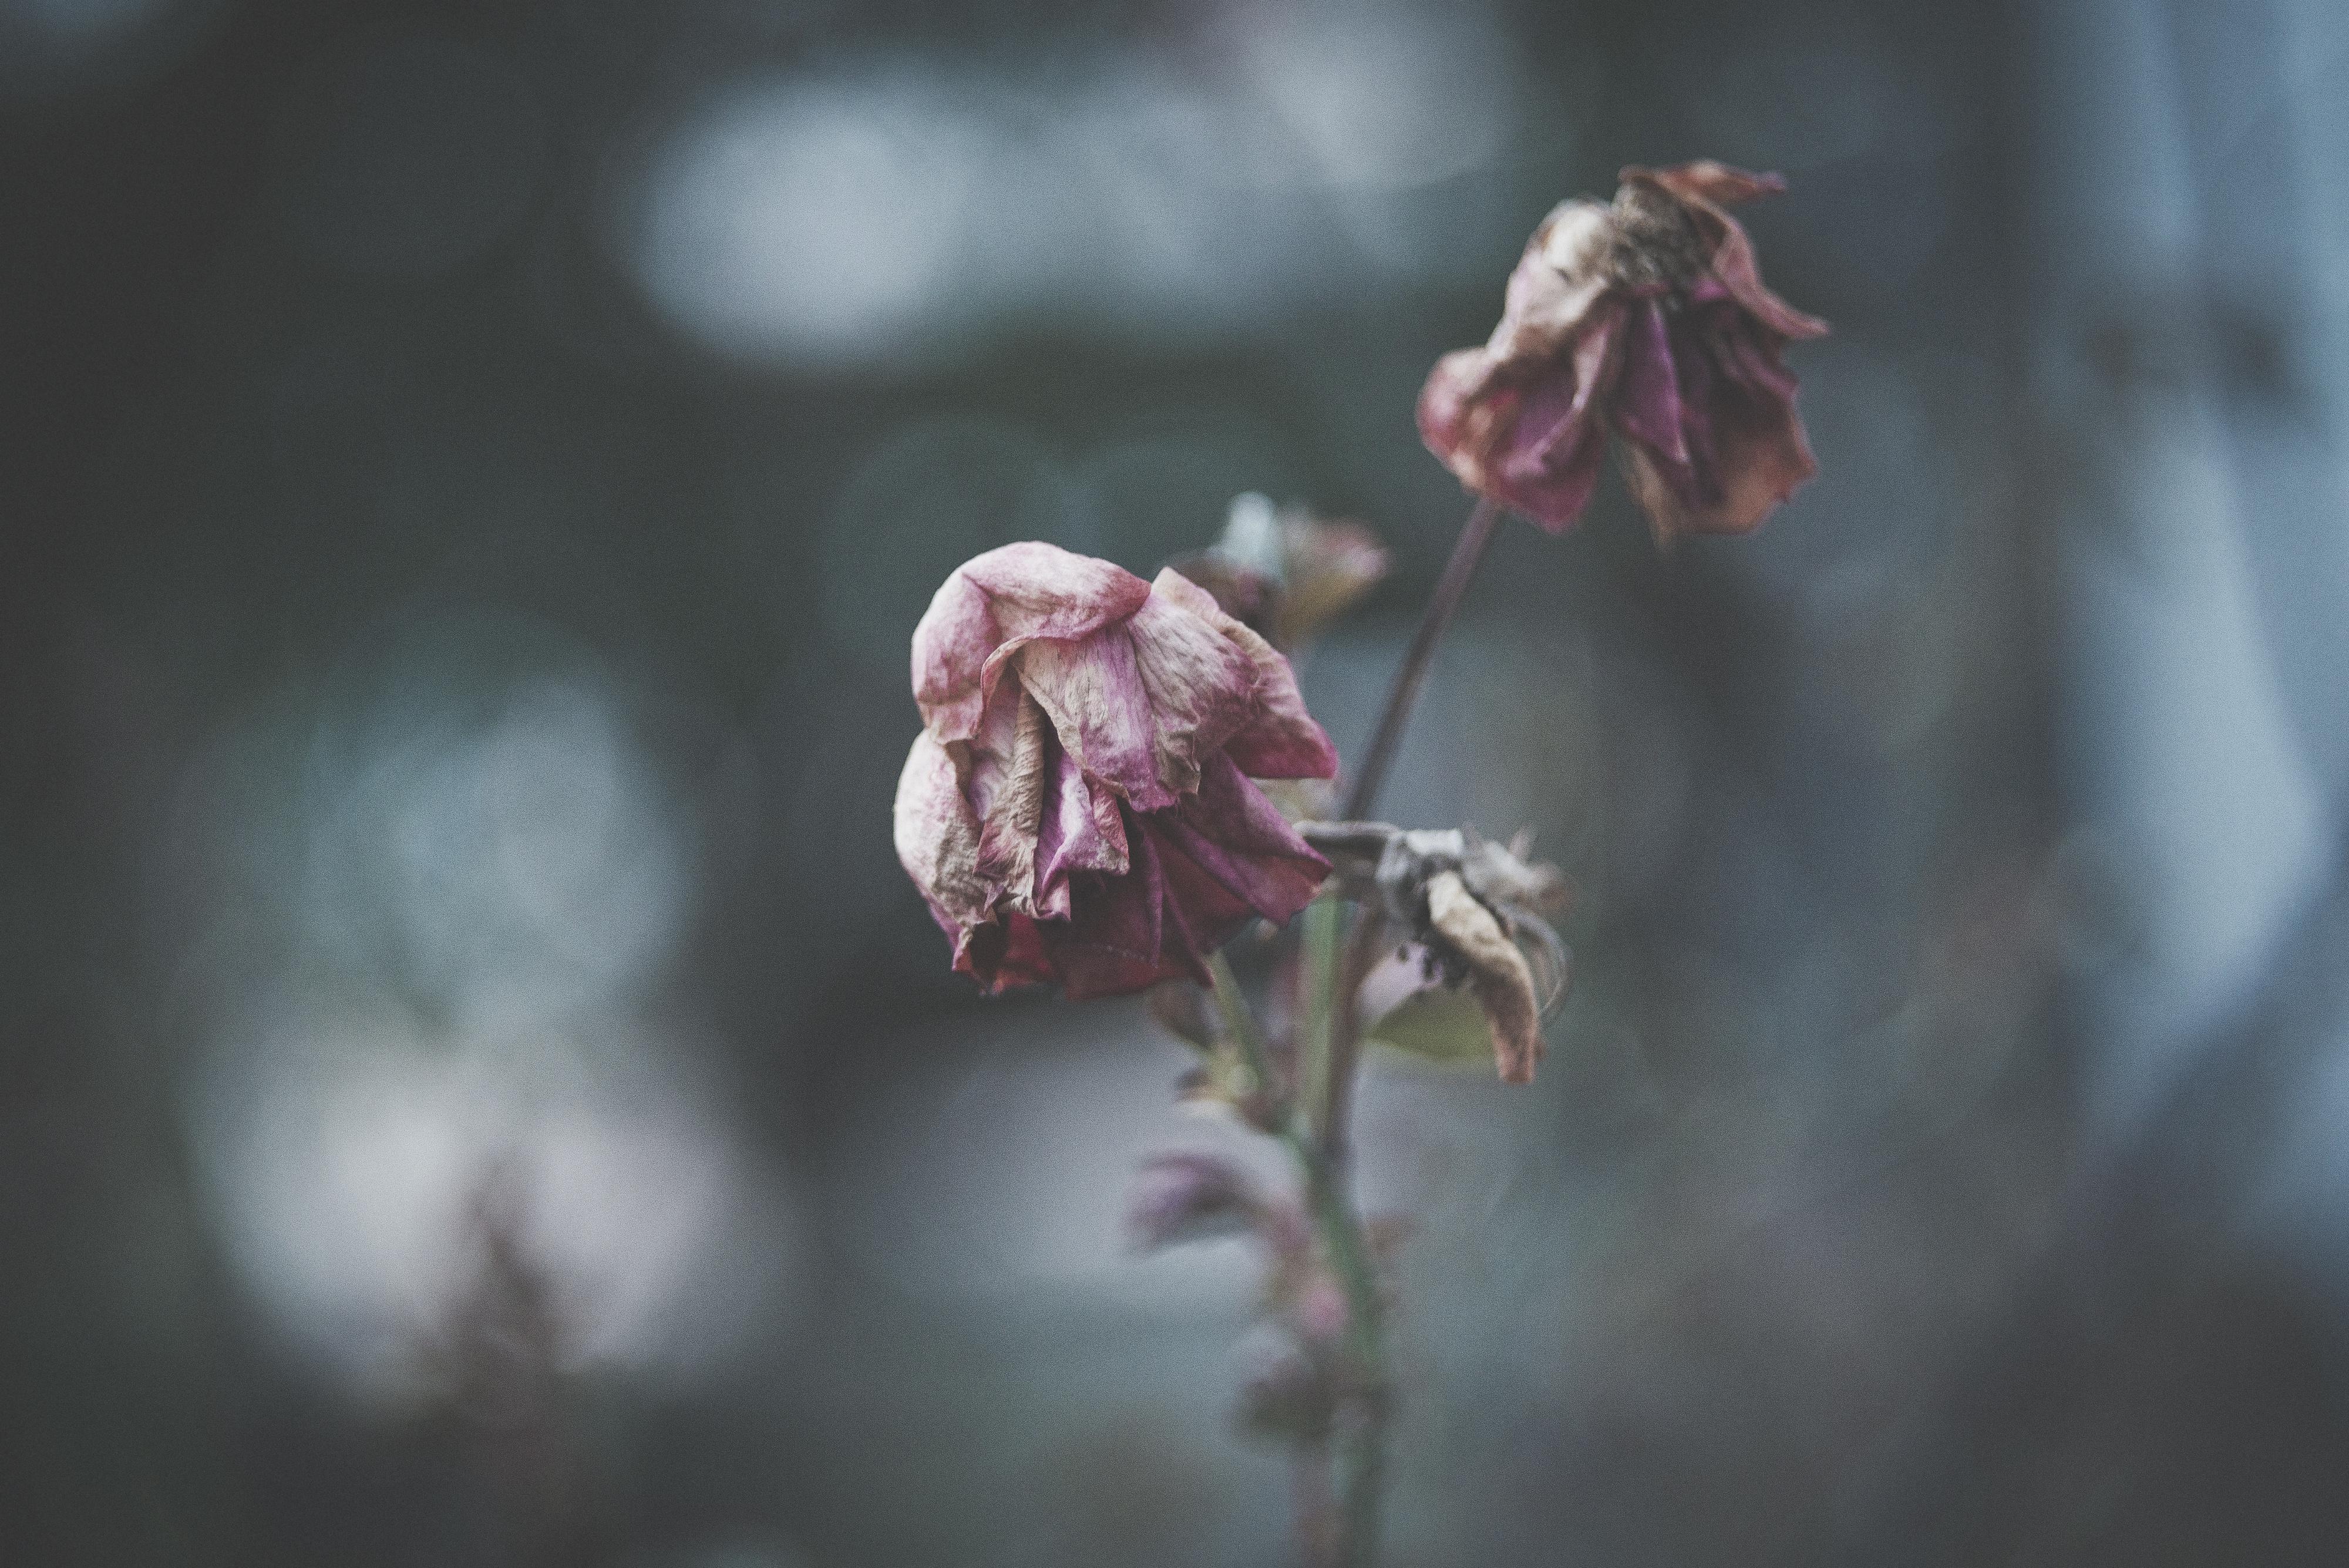 съемке цветы завяли картинки того, они